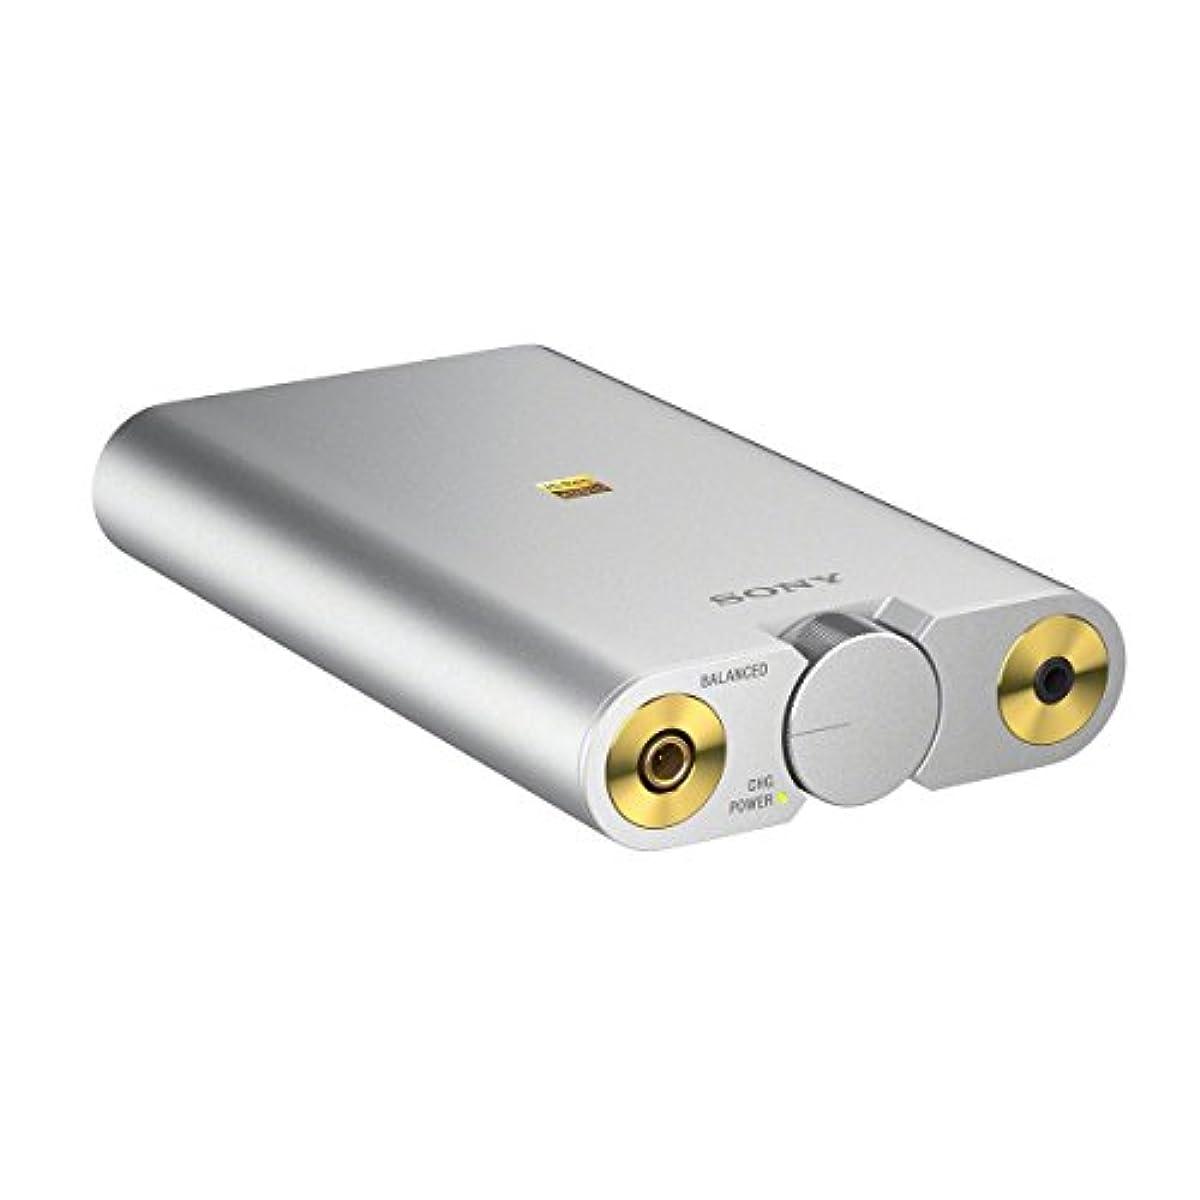 [해외] SONY소니 휴대용 헤드폰 앰프 PHA-2A